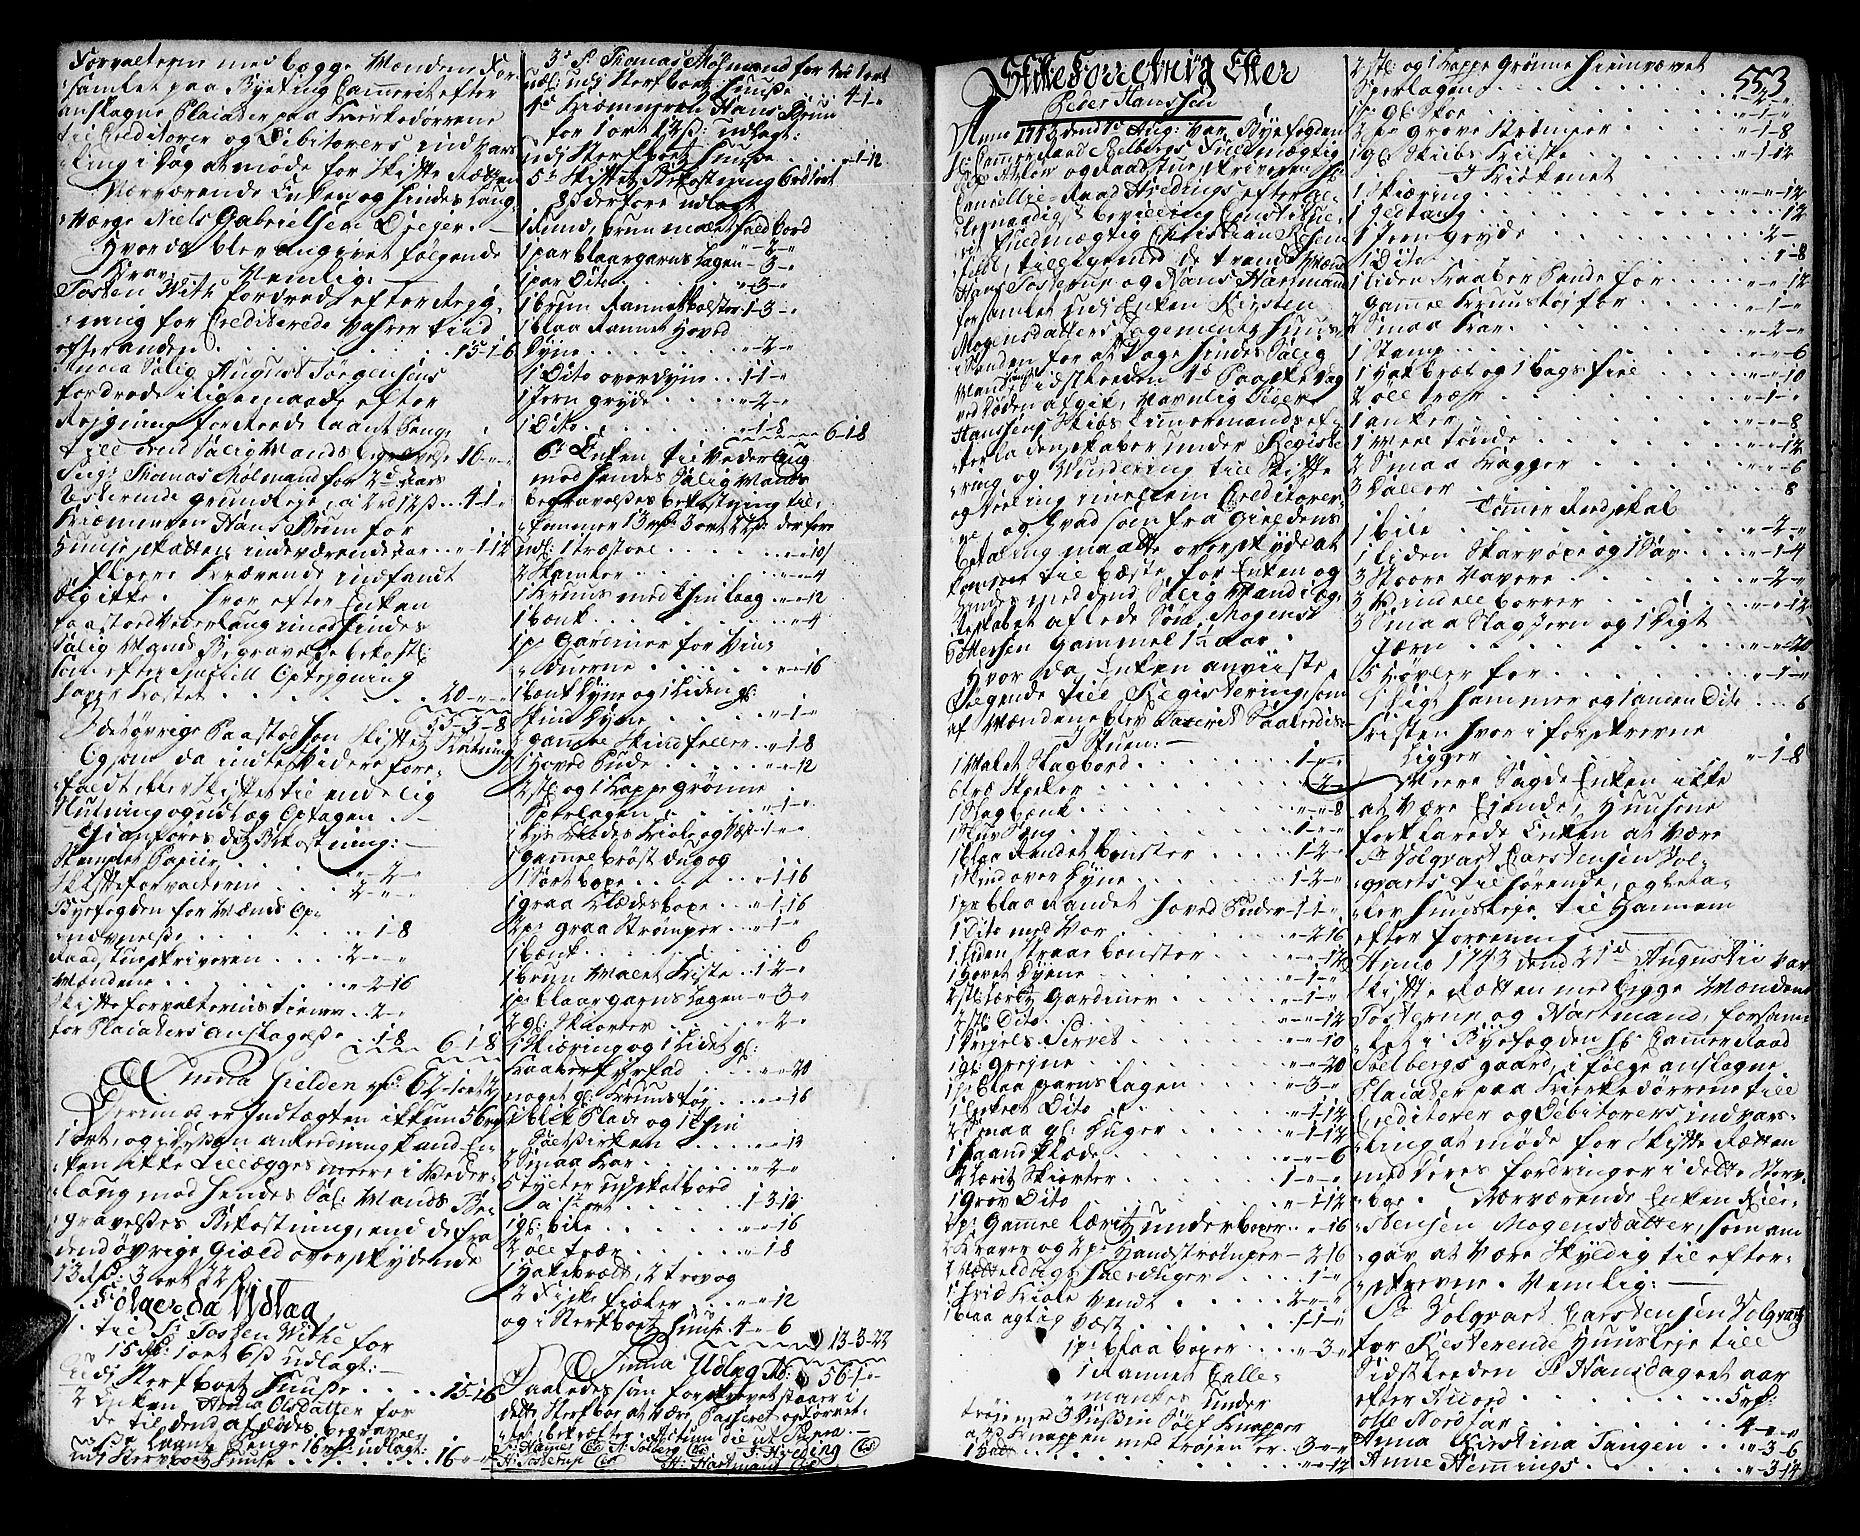 SAT, Trondheim byfogd, 3/3A/L0015: Skifteprotokoll - gml.nr.13b. (m/ register), 1739-1747, p. 552b-553a